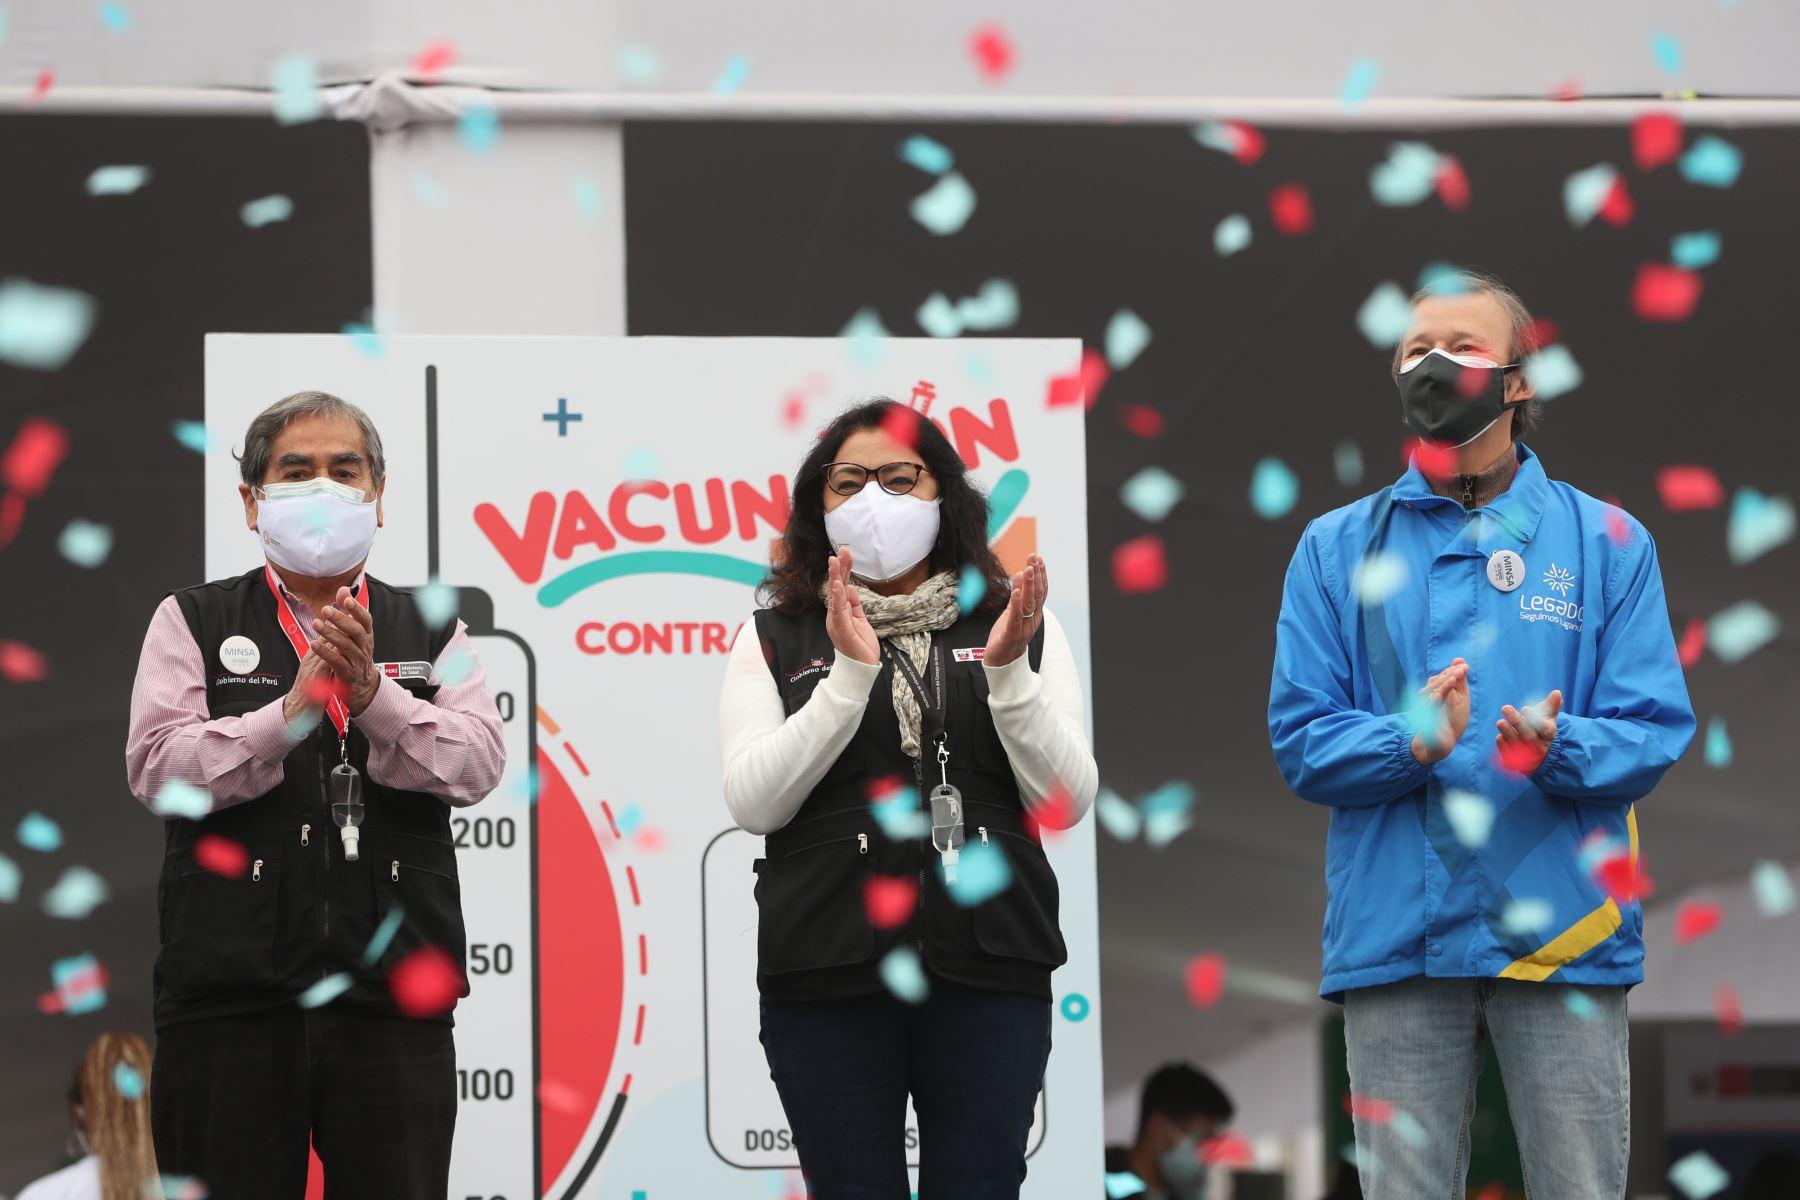 Presidenta del Consejo de Ministros, Violeta Bermúdez junto al ministro de Salud, óscar Ugarte supervisan la puesta en funcionamiento del vacunatón contra la covid-19 en los distritos de Villa María del Triunfo. Foto: PCM